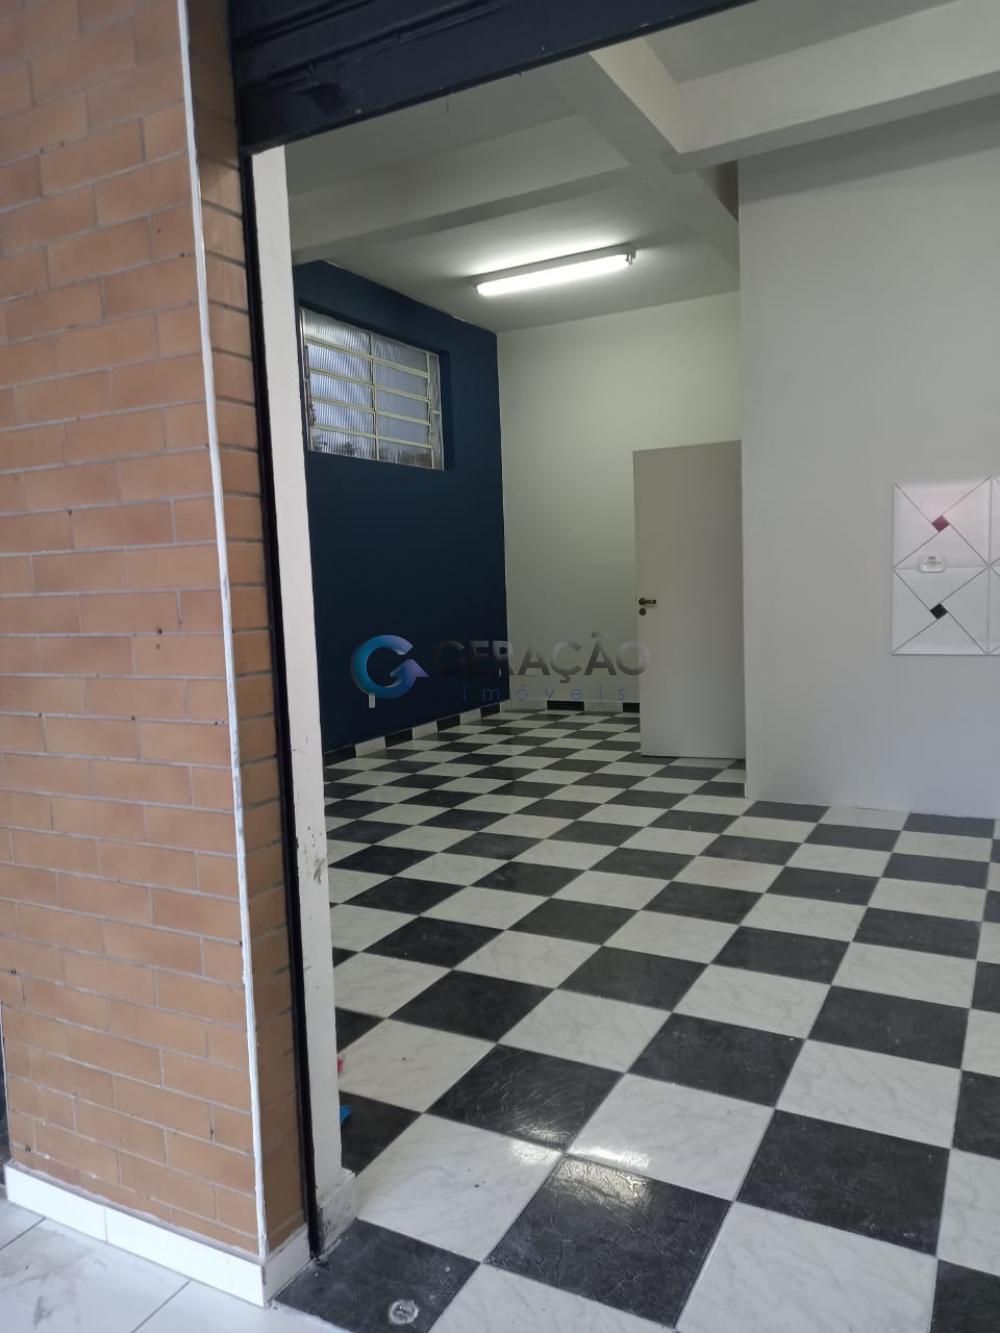 Alugar Comercial / Sala em São José dos Campos R$ 1.500,00 - Foto 4